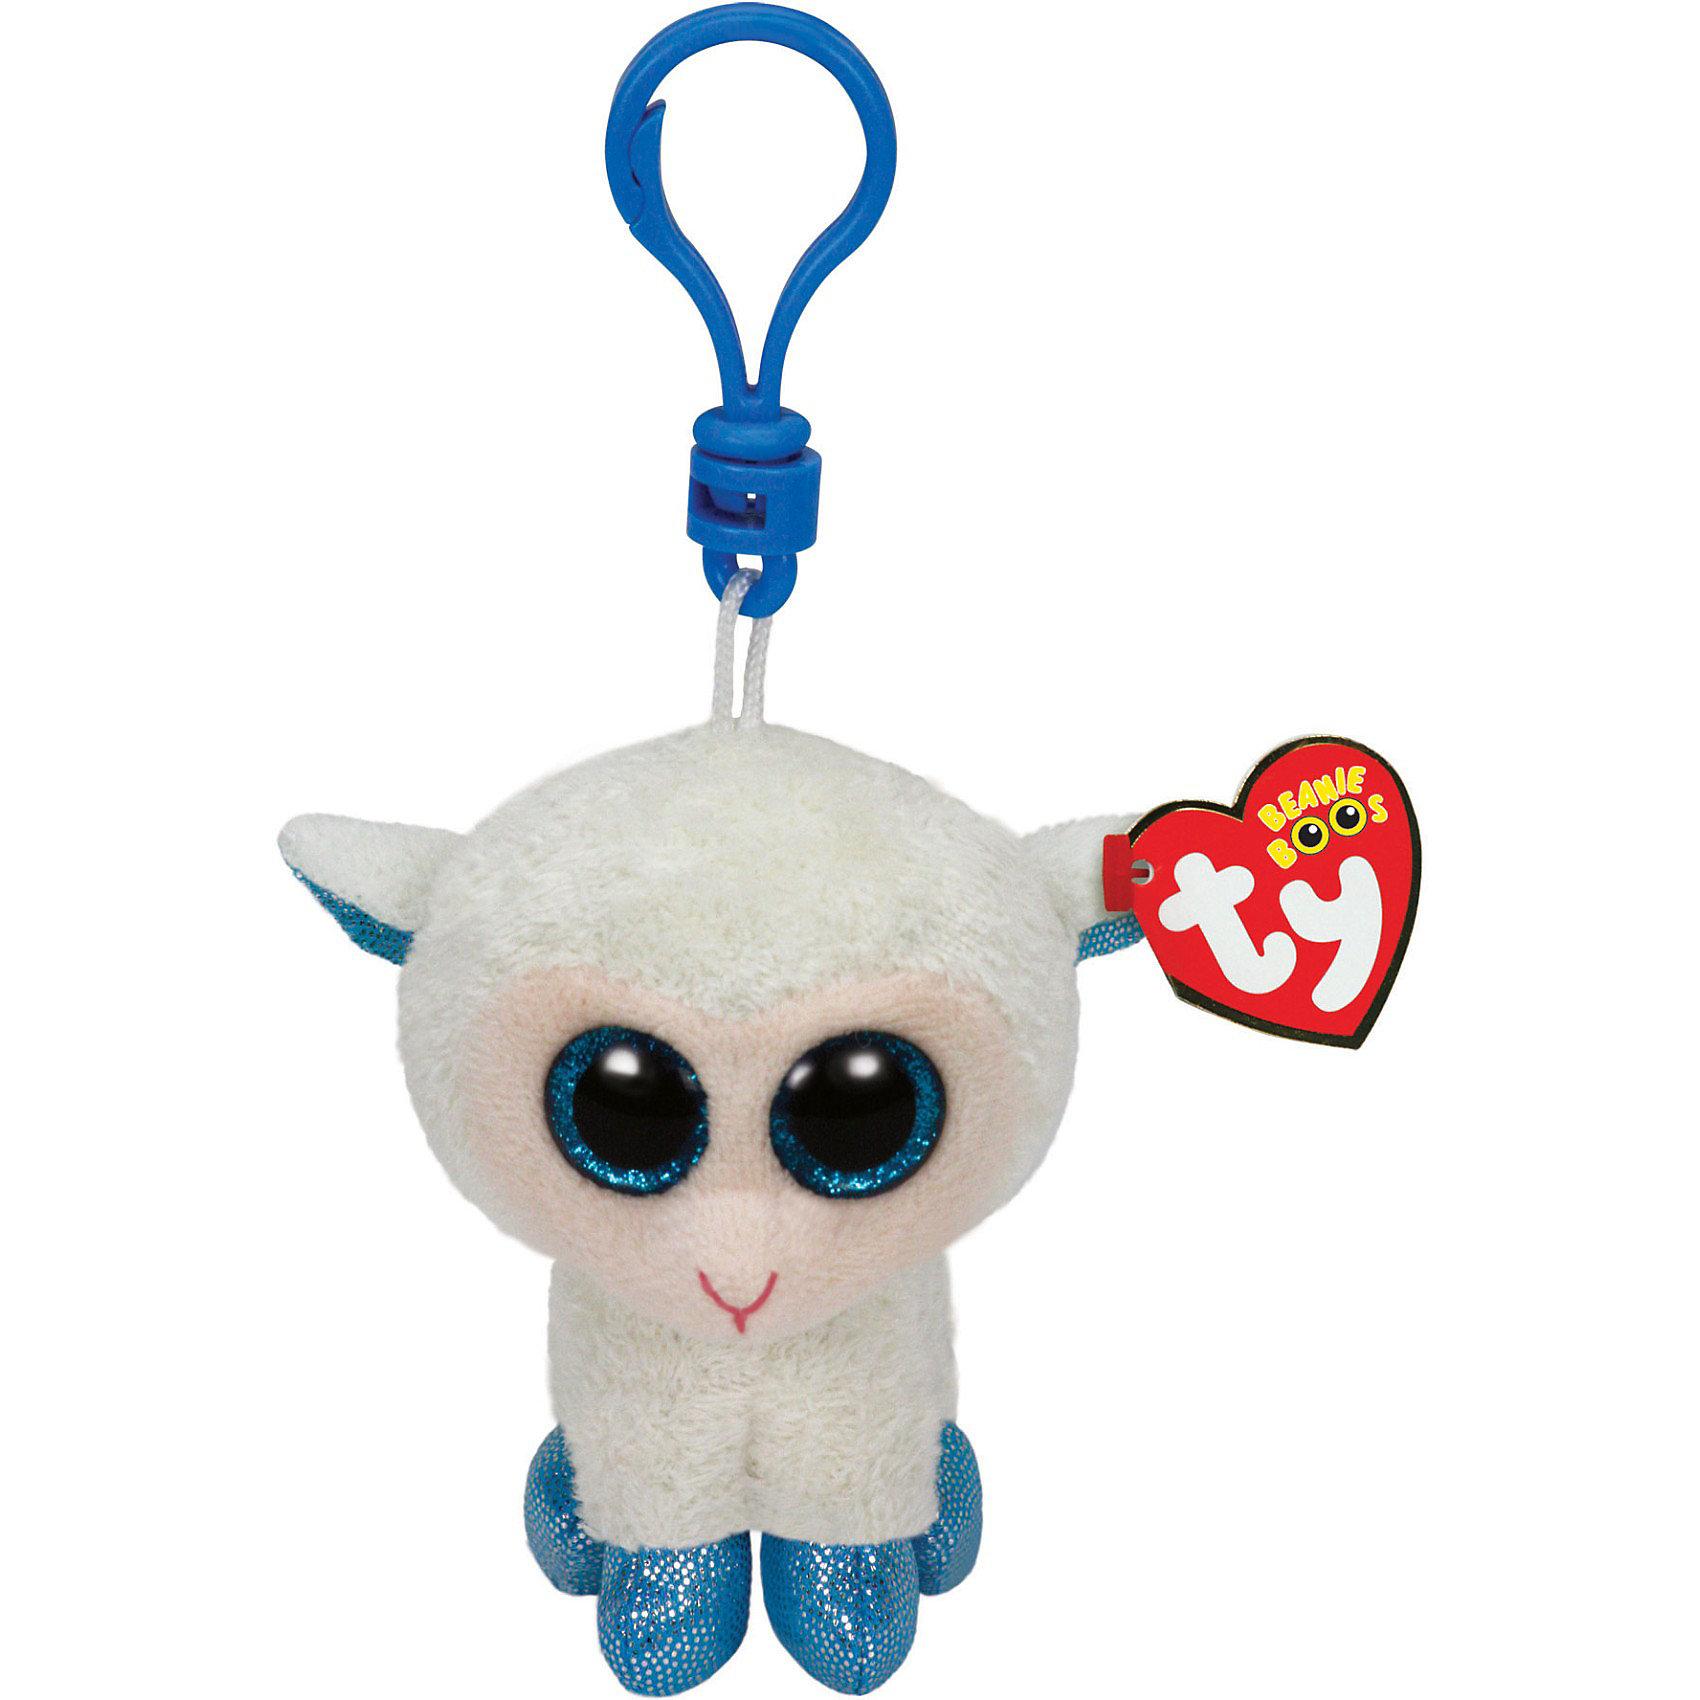 Брелок Овечка, с голубыми копытцами, 12 см,  TyЗвери и птицы<br>Брелок Овечка, с голубыми копытцами, Beanie Boos - очаровательная игрушка станет приятным сувениром как для детей, так и для взрослых. Брелок выполнен в виде симпатичной овечки с большими добрыми глазами, милой мордочкой и голубыми копытцами  Игрушка может быть использована как брелок, подвеска на кроватку, украшение на сумку или просто как мягкая игрушка. <br><br>Дополнительная информация:<br><br>- Материал: искусственный мех, пластик.<br>- Размер игрушки: 12 см.<br>- Размер упаковки: 3 х 4 х 12 см.<br>- Вес: 25 гр. <br><br>Брелок Овечка, с голубыми копытцами, Beanie Boos можно купить в нашем интернет-магазине.<br><br>Ширина мм: 30<br>Глубина мм: 40<br>Высота мм: 120<br>Вес г: 25<br>Возраст от месяцев: 24<br>Возраст до месяцев: 168<br>Пол: Унисекс<br>Возраст: Детский<br>SKU: 3833916